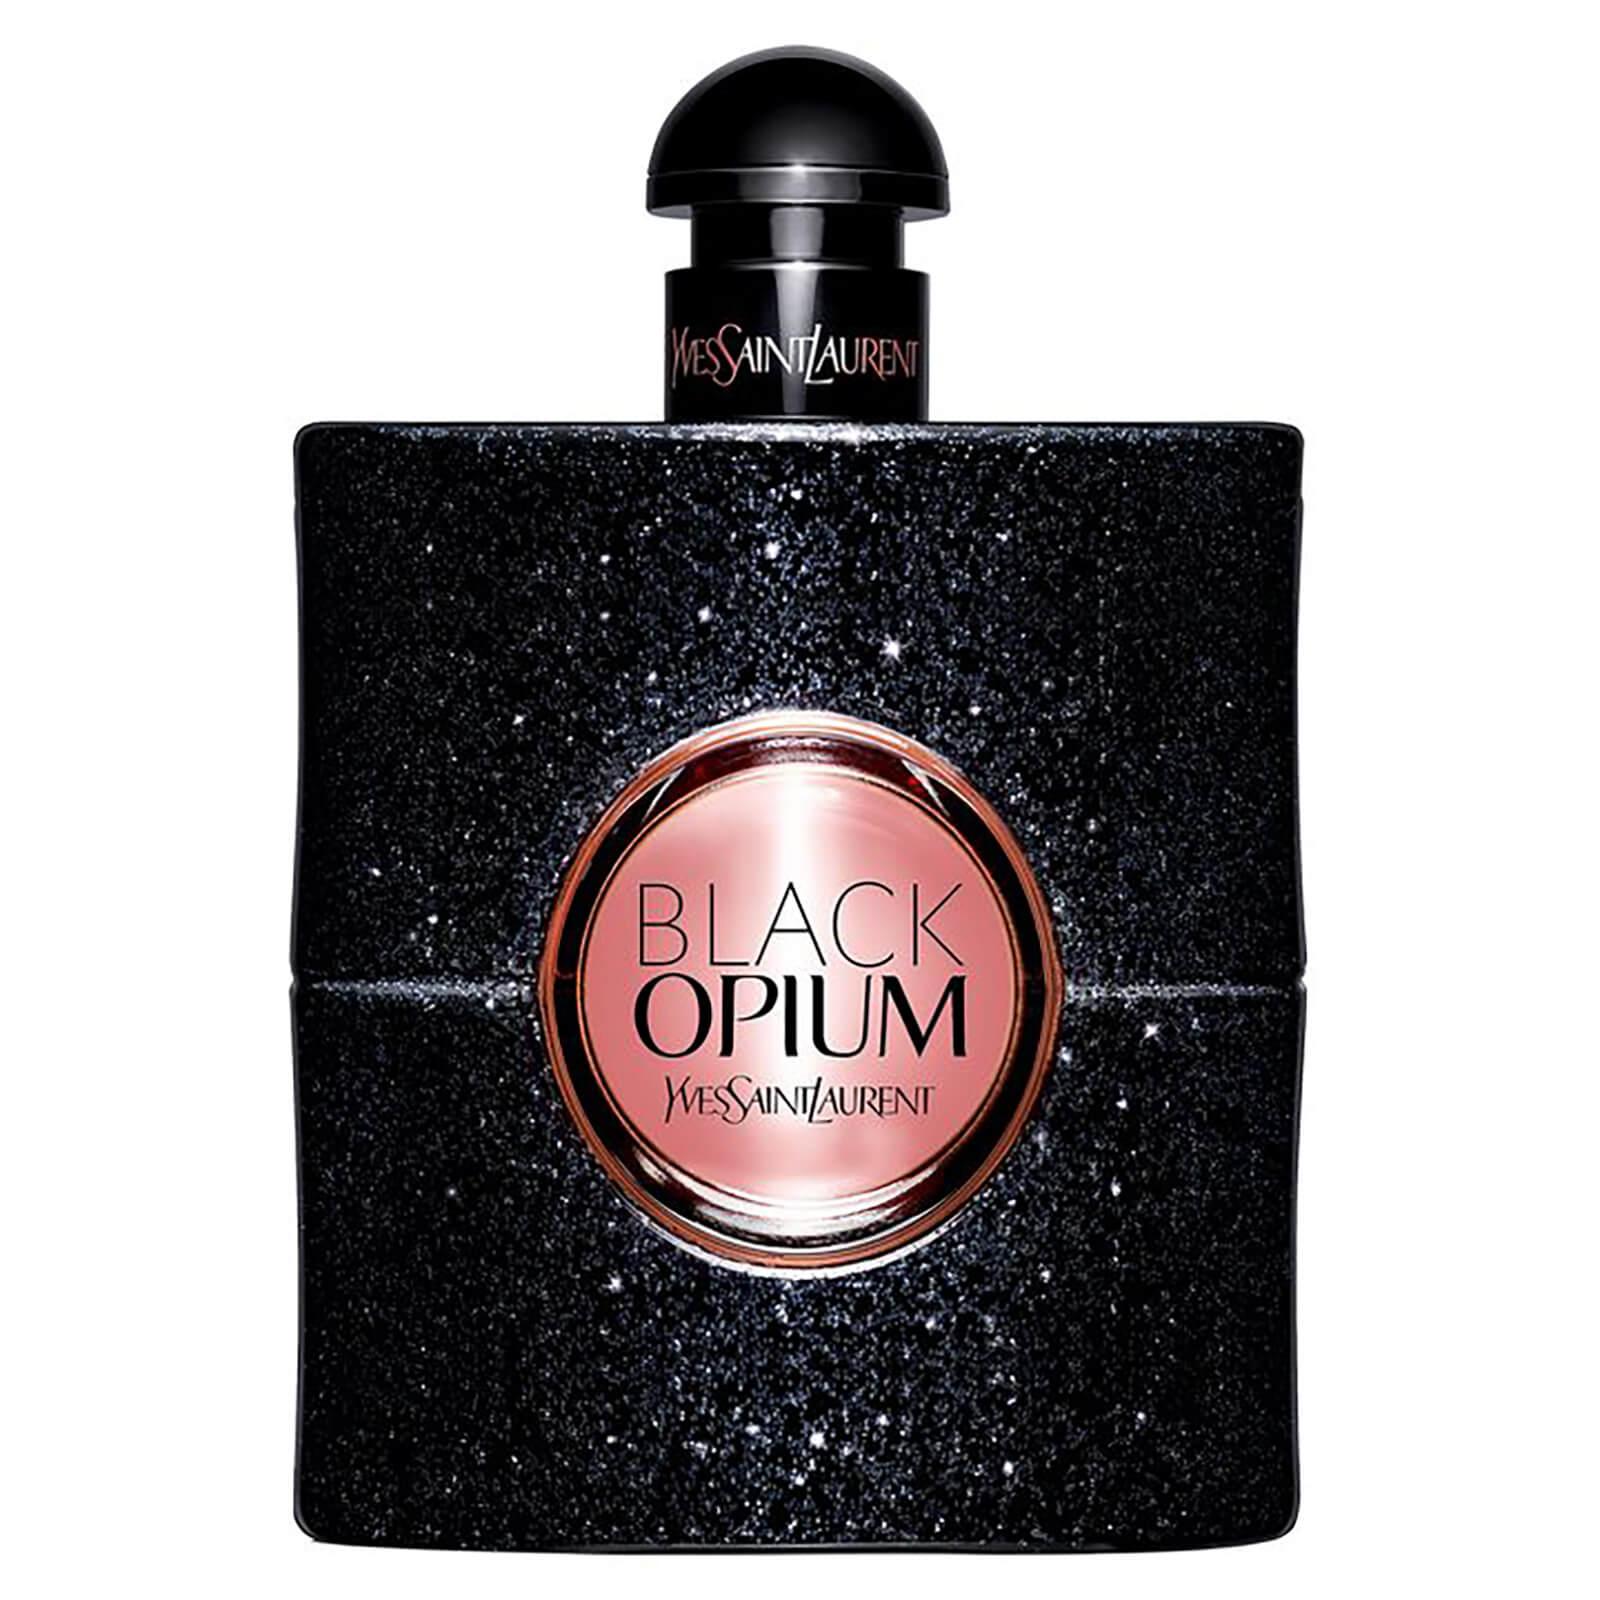 Yves Saint Laurent Black Opium Eau De Parfum Free Shipping